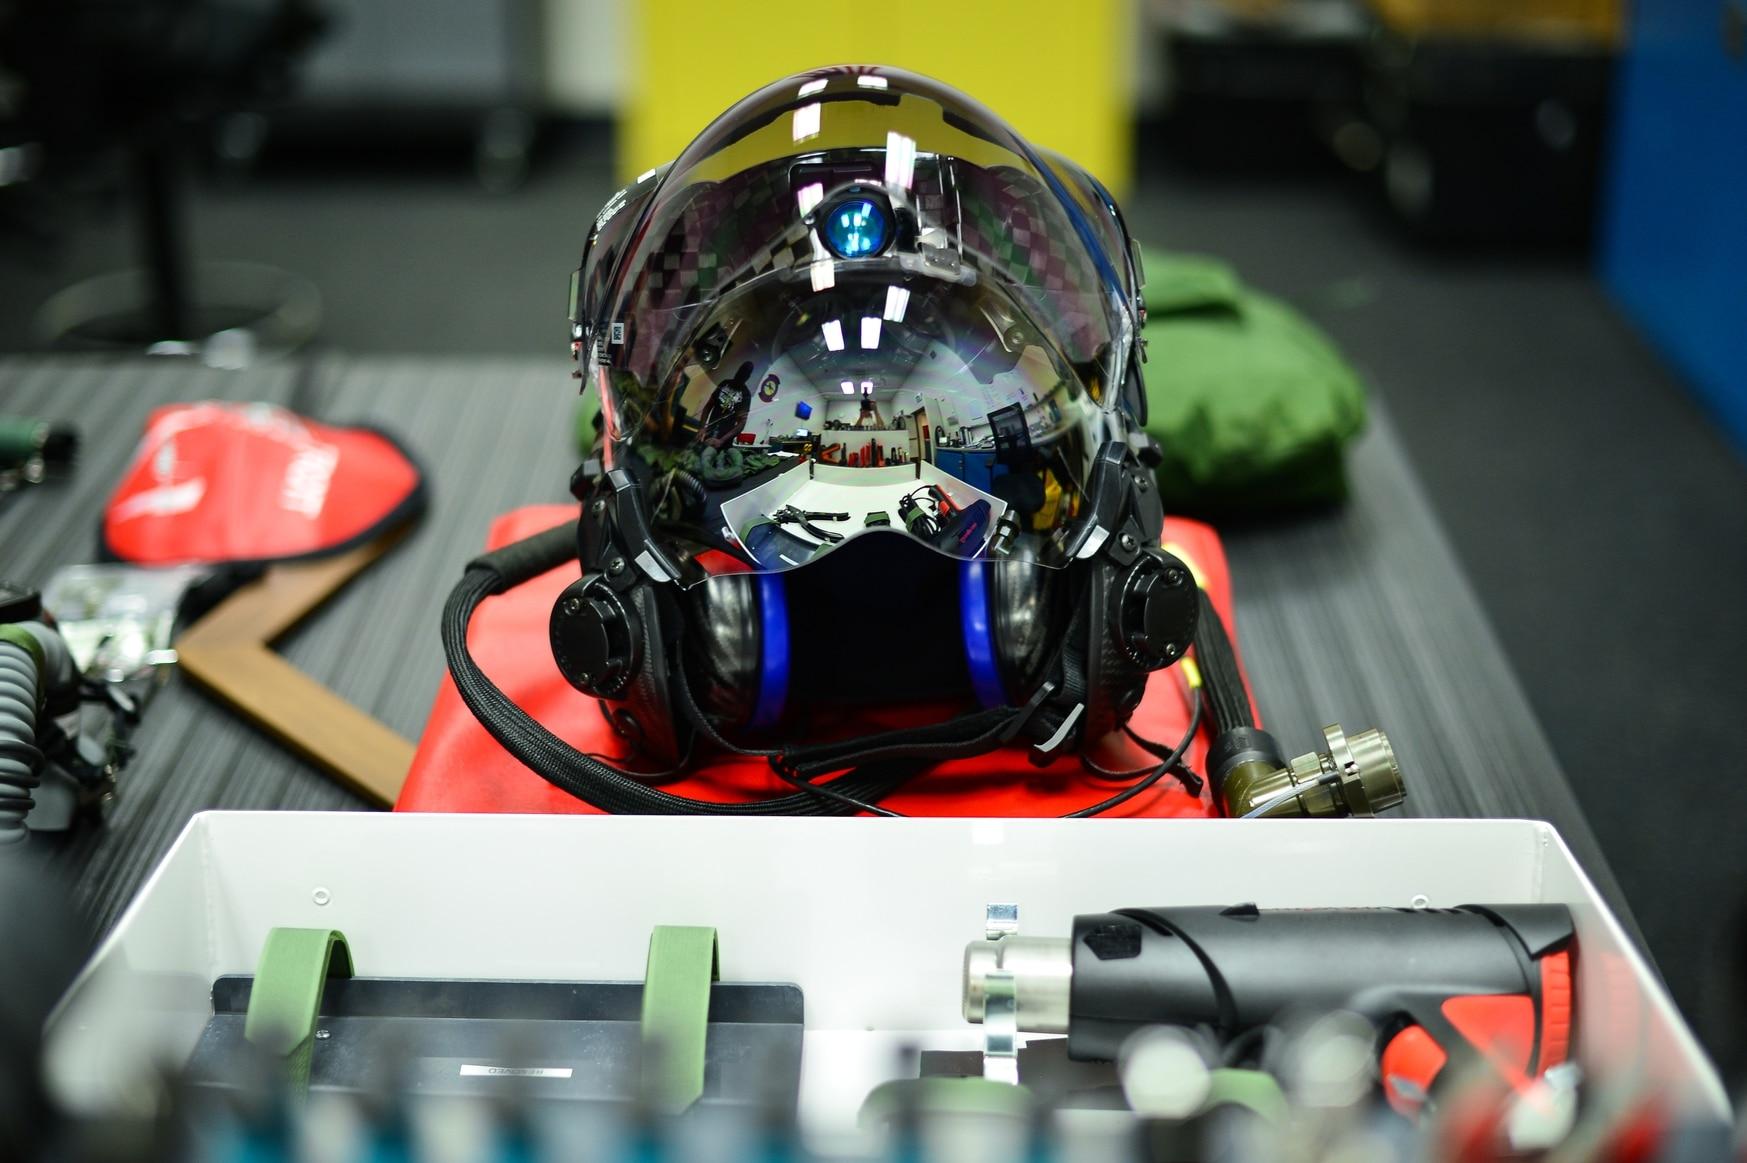 F-35 Gen III kask altı harici kameraya ve dahili gece görüş özelliğine sahiptir. (R.Nial Bradshaw / ABD Hava Kuvvetleri)